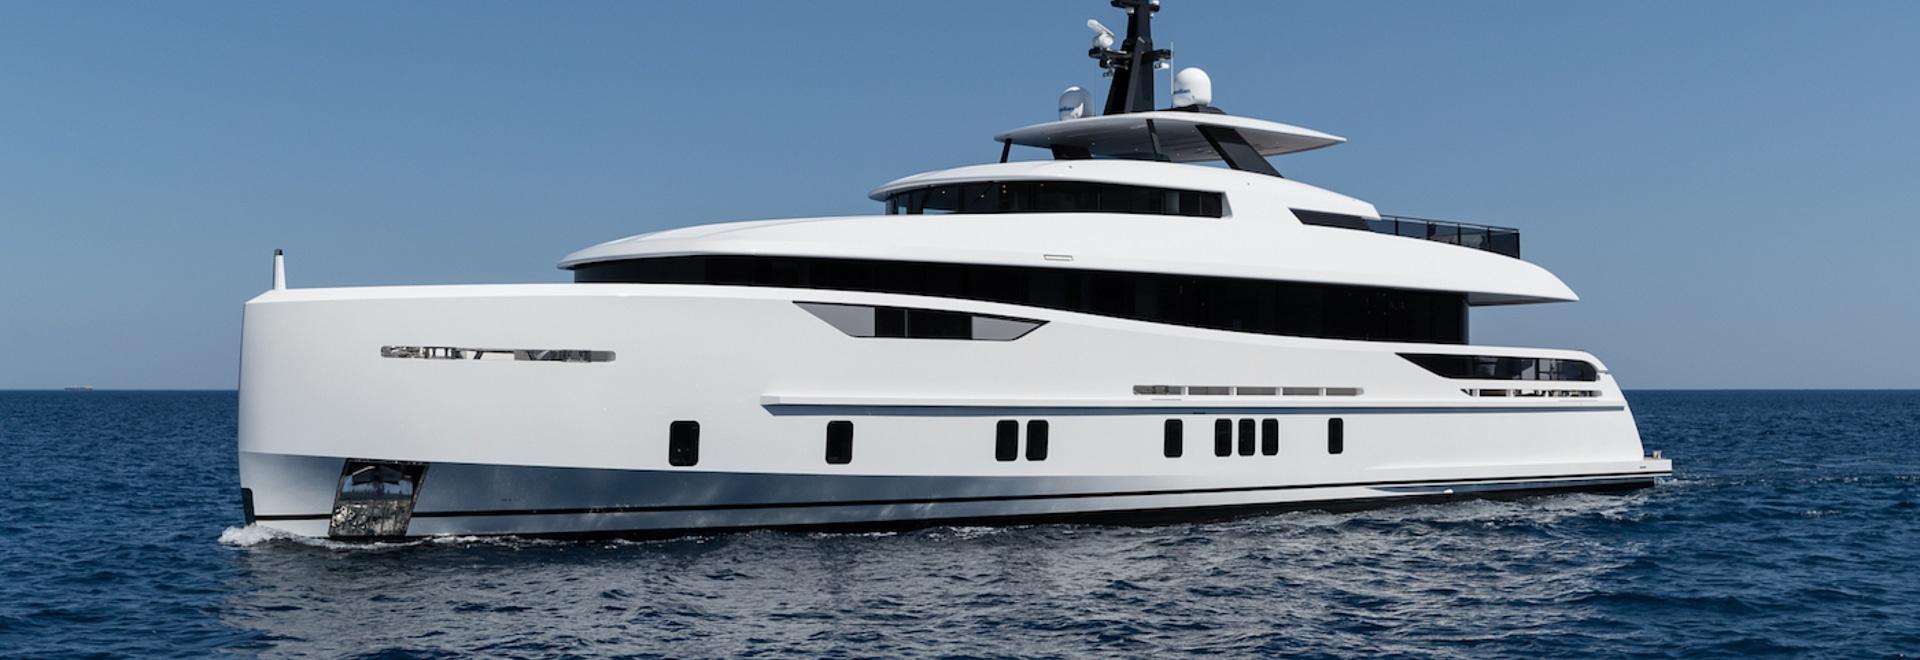 Consegnato: Superyacht Virgen Del Mar VI della tasca di Alia Yachts 31m